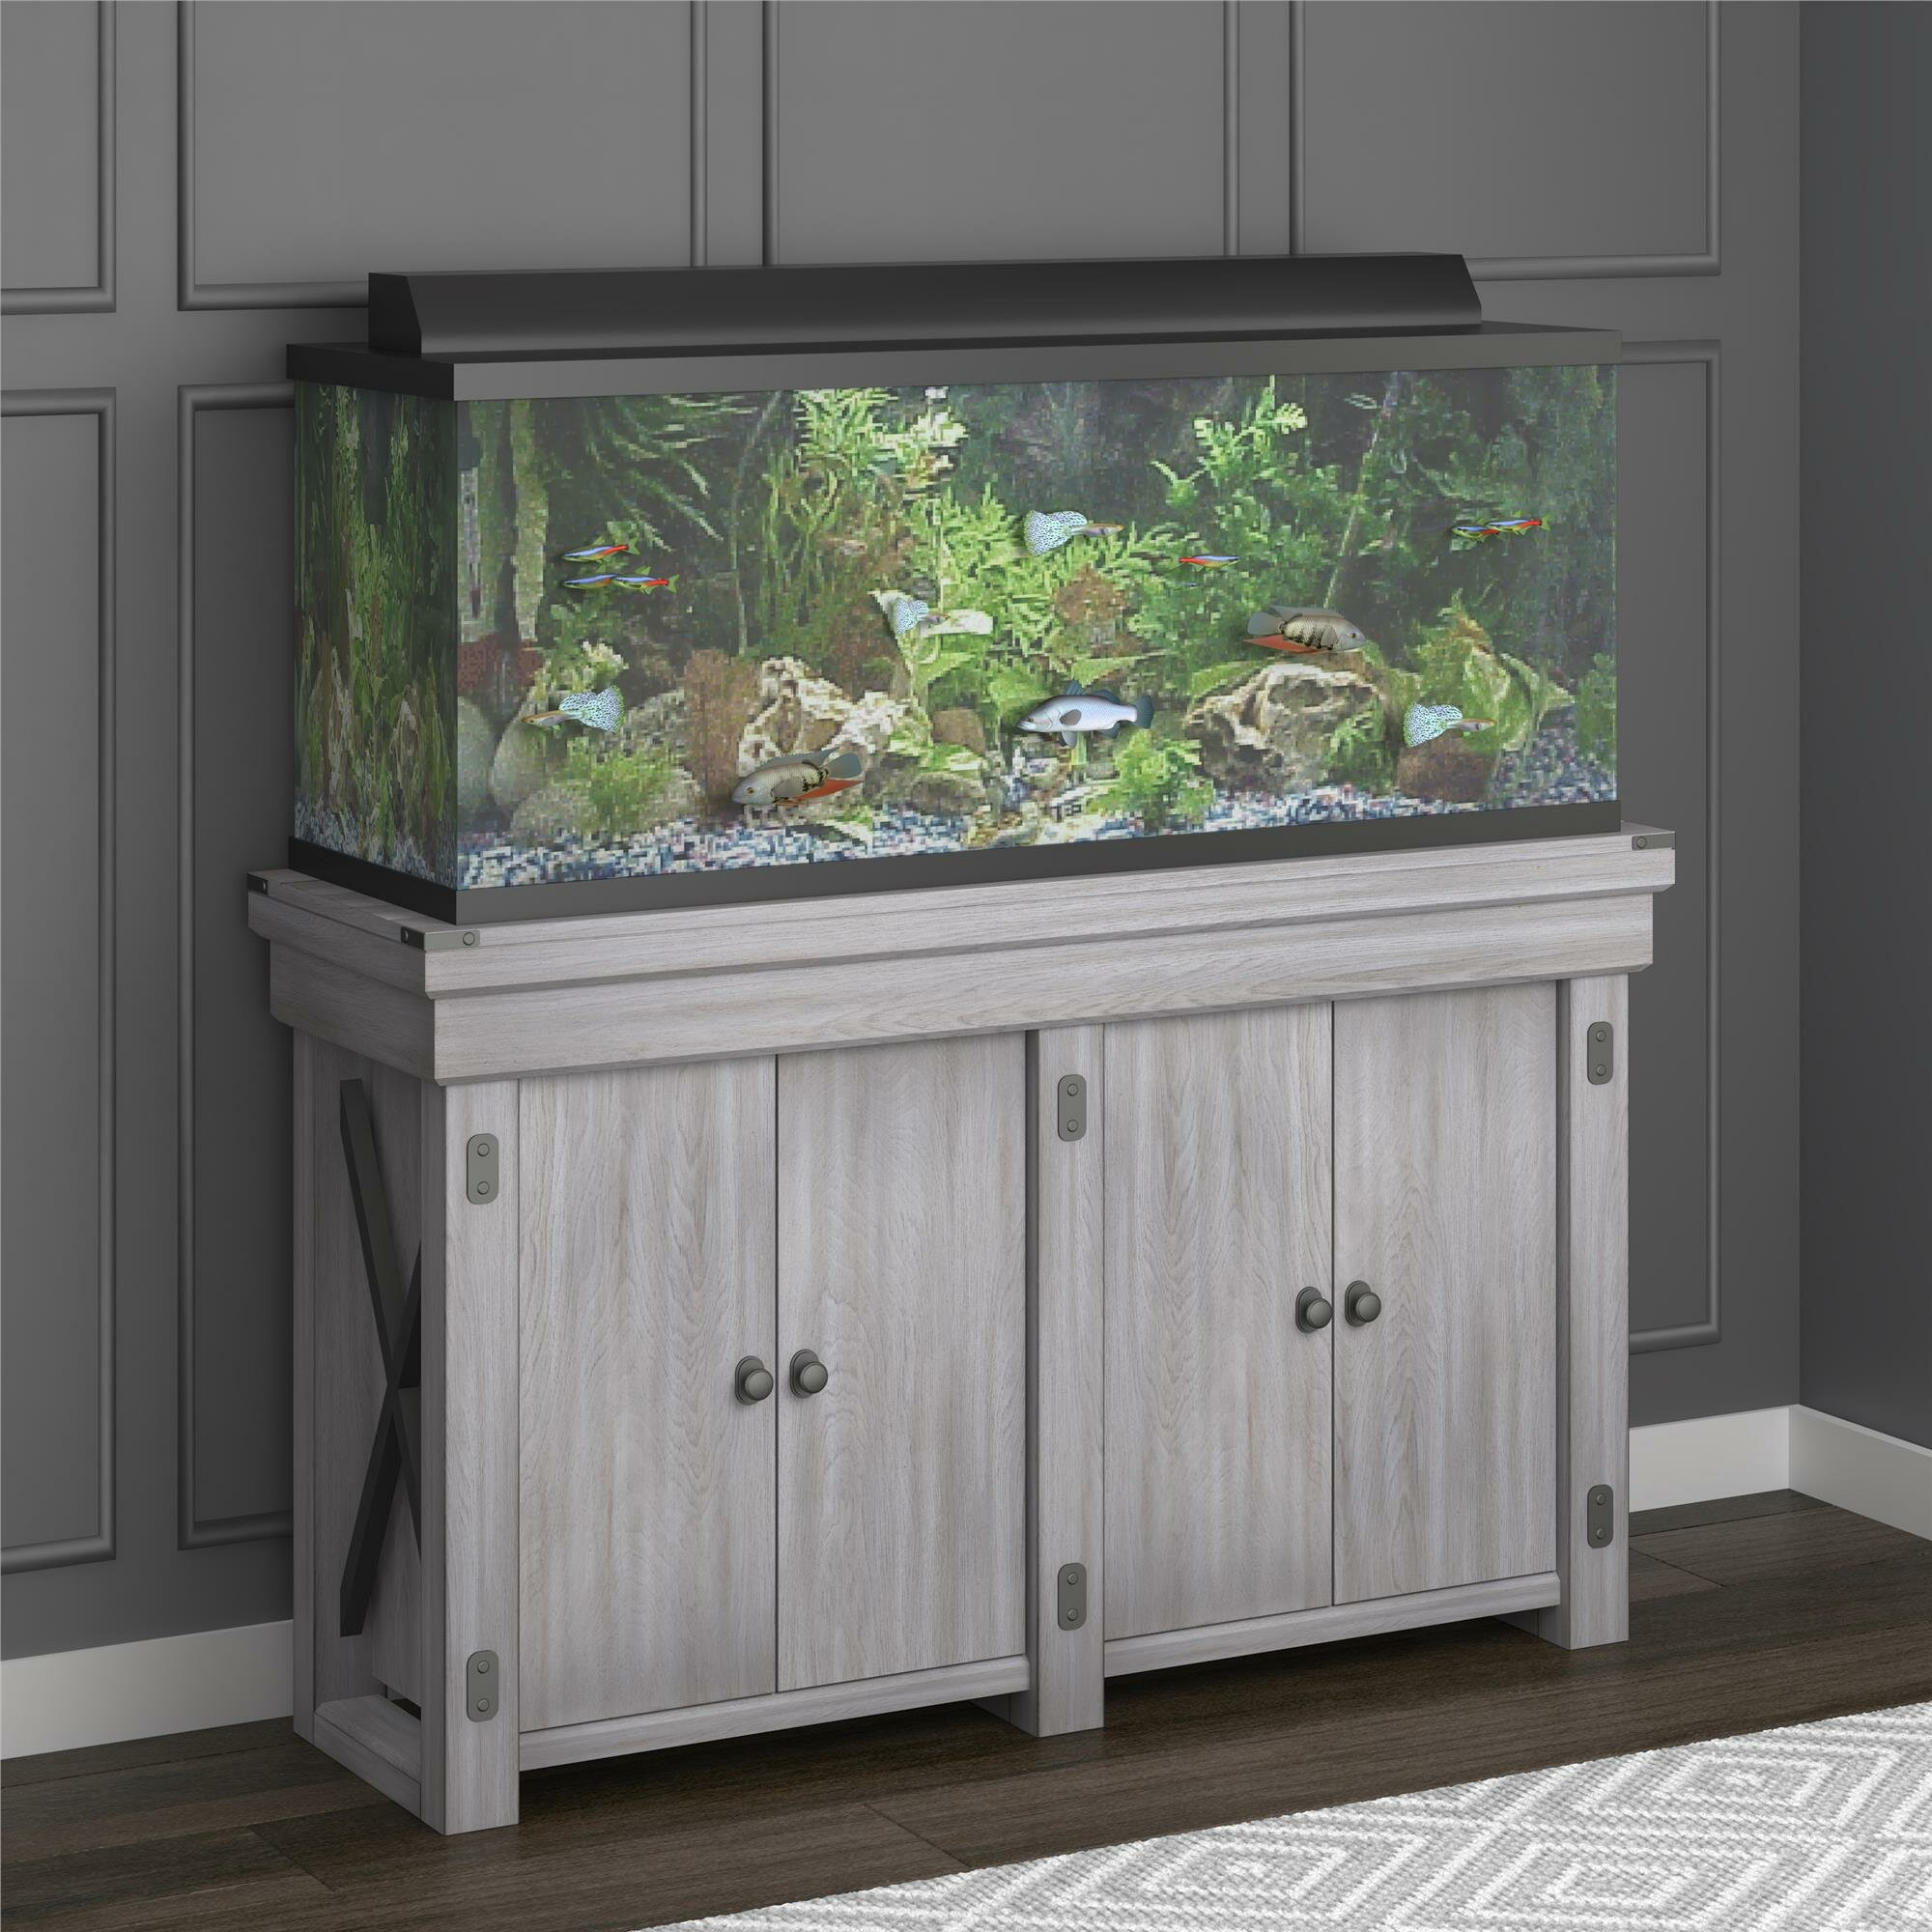 Archie Oscar Ester 55 Gallon Aquarium Stand Reviews